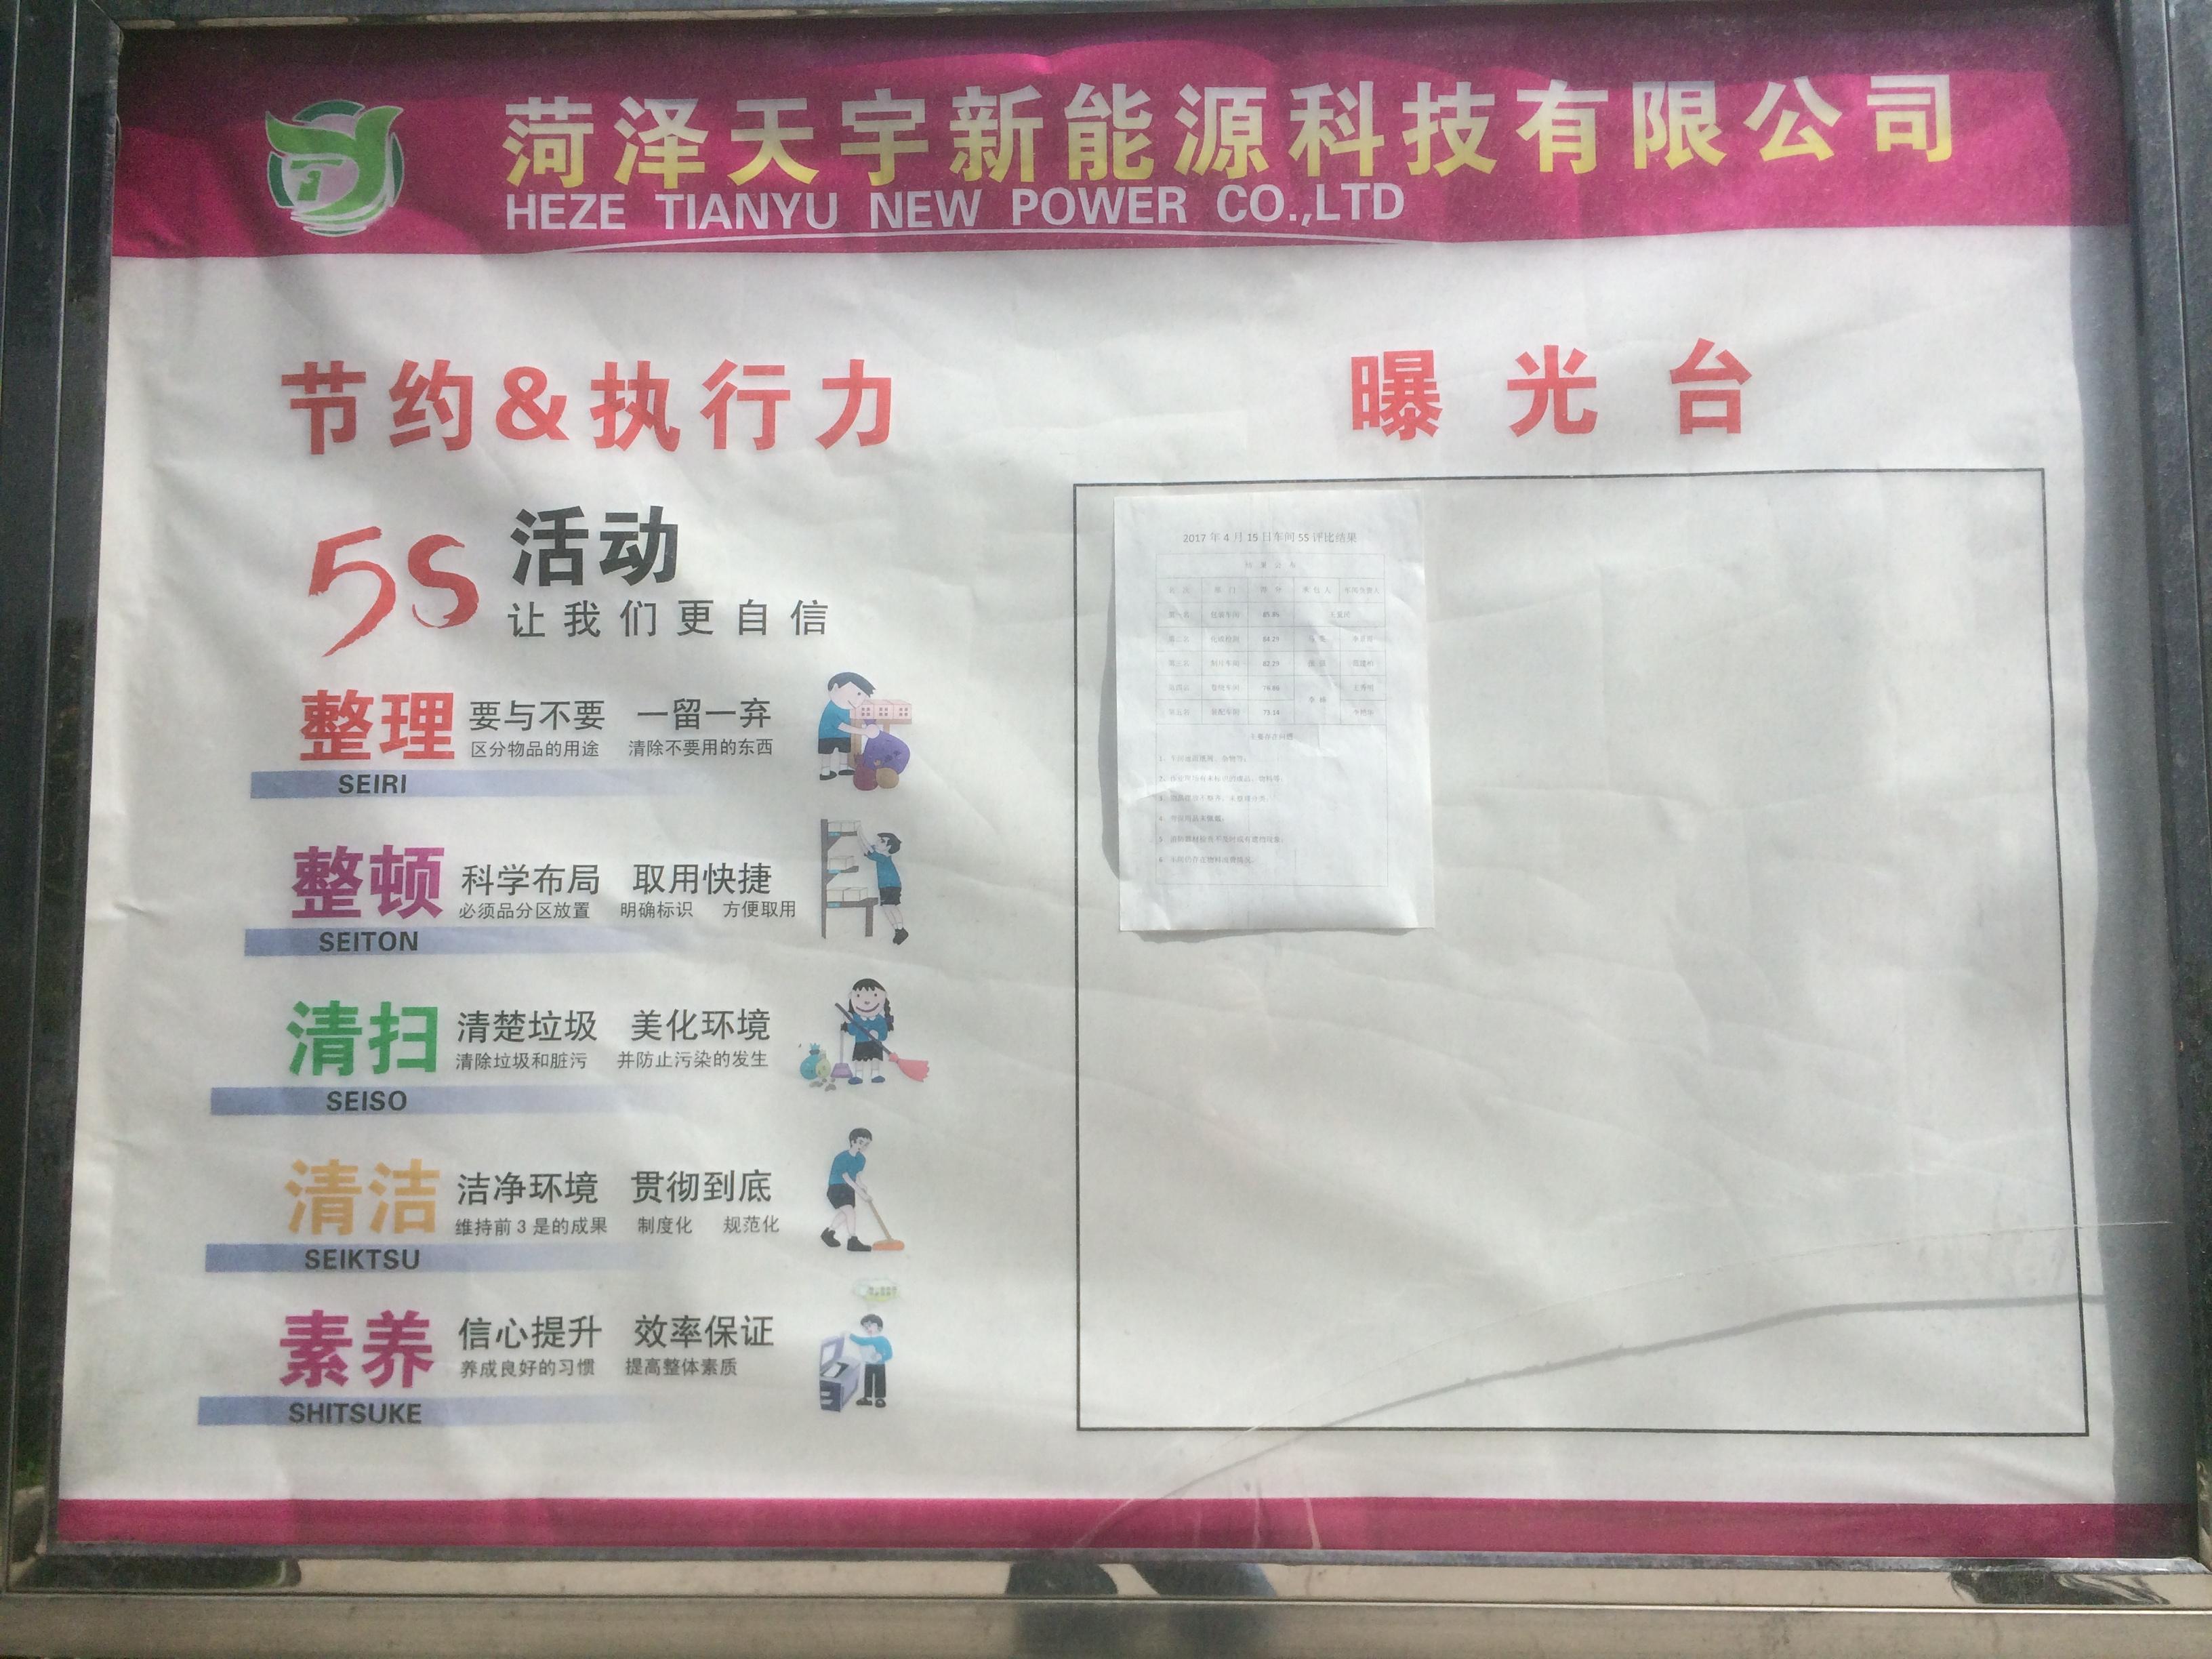 5S曝光台.JPG